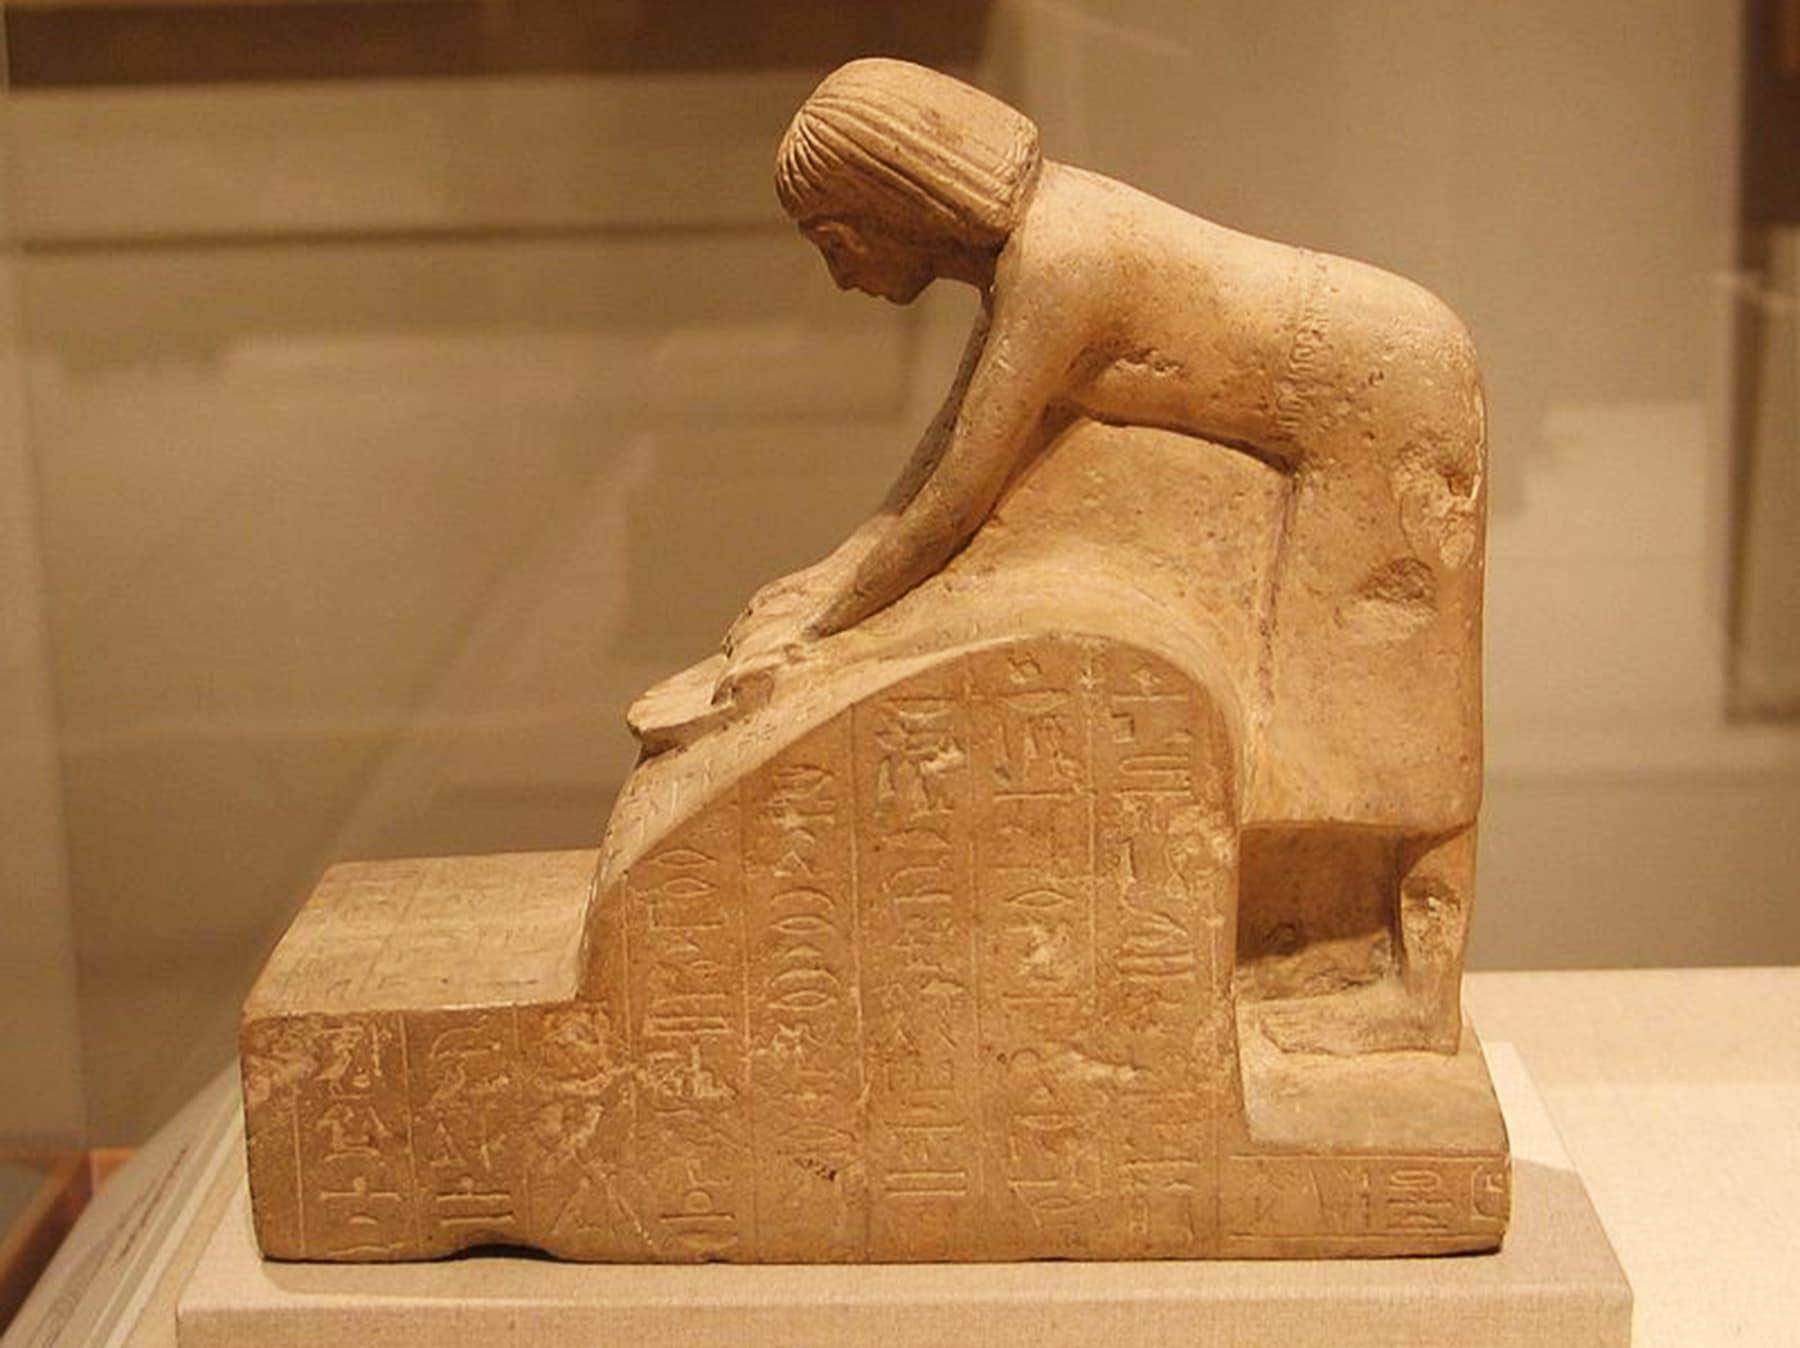 قدیم مصر سے ملنے والا مجسمہ جس میں ابتدائی ہتھ چکی کا نمونہ دیکھا جاسکتا ہے۔